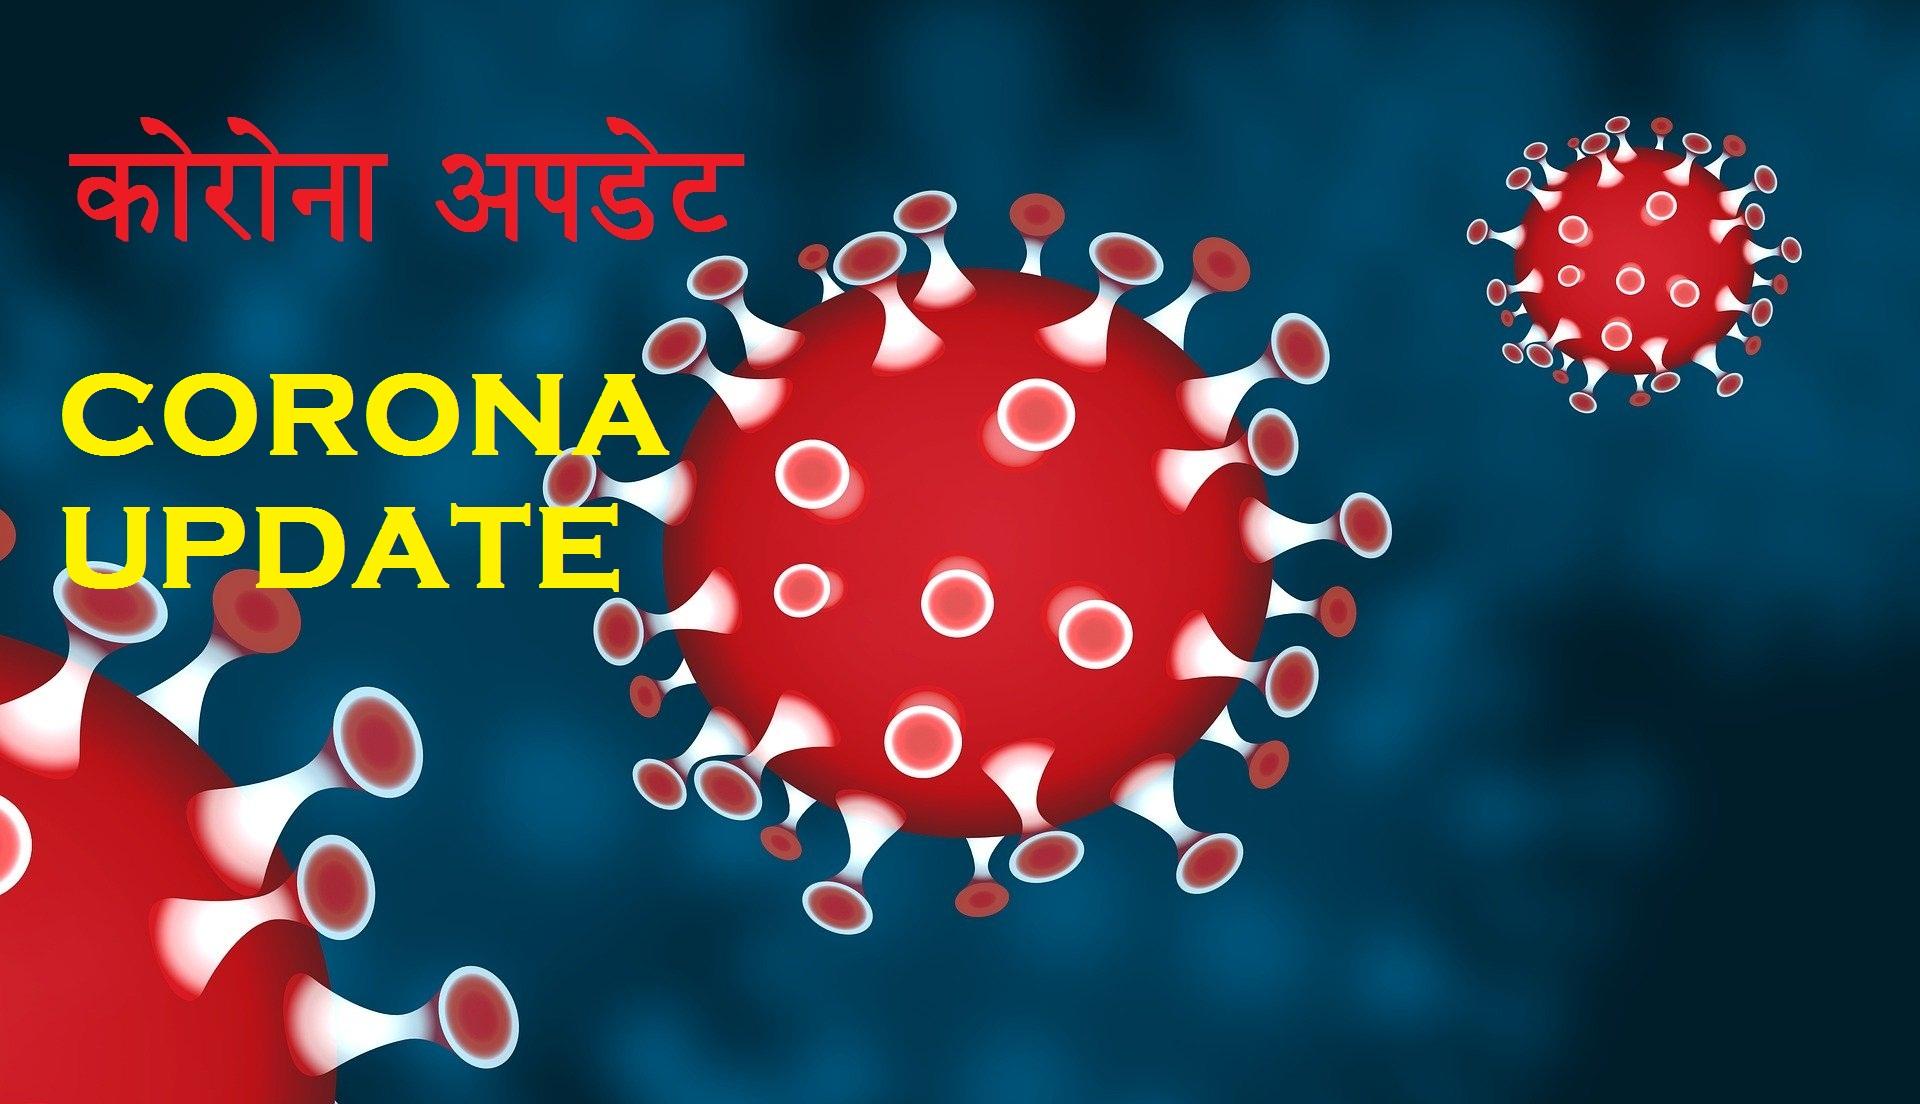 तिरहुत गापामा एक कोरोना पोजेटिभः सप्तरीमा ५६ पुग्यो कोरोना संक्रमित